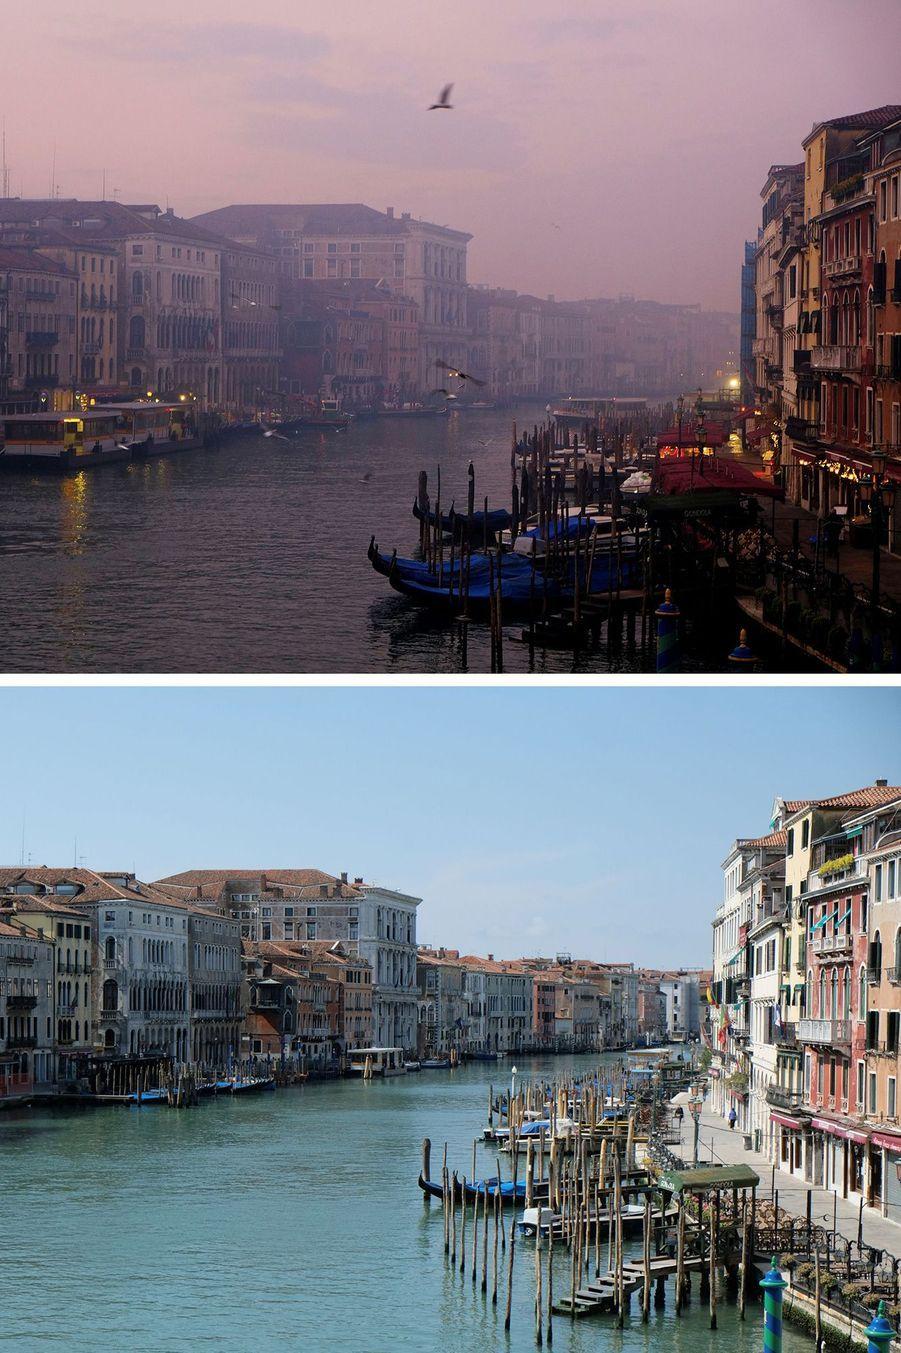 Le grand canal de Venise, en Italie.